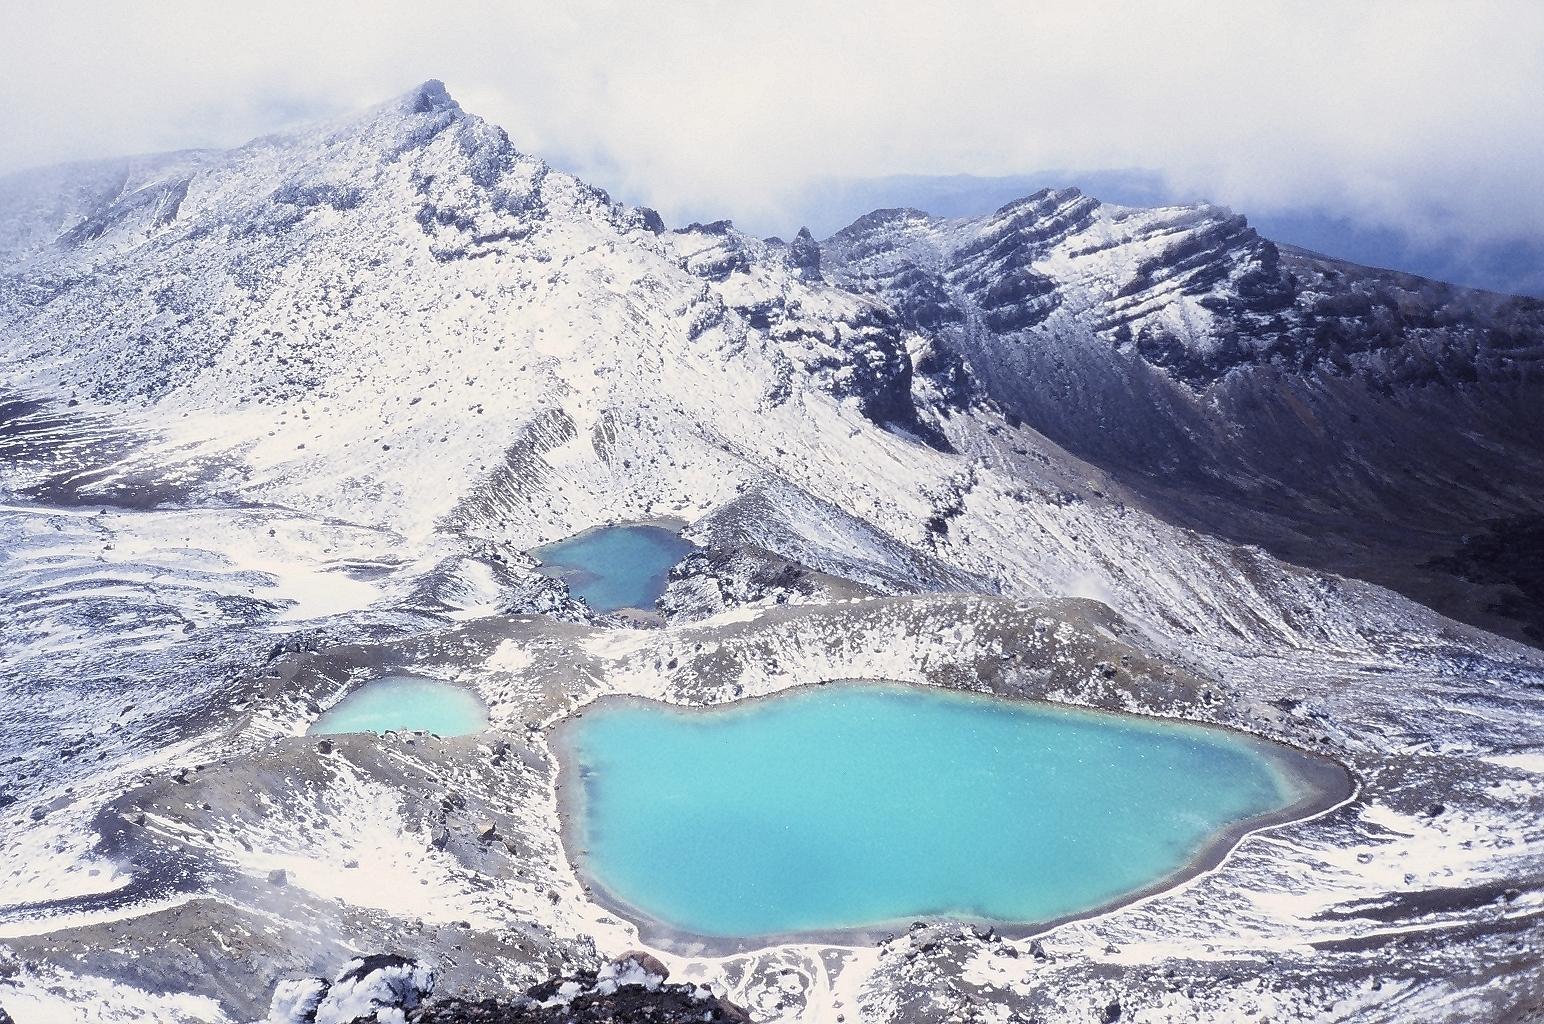 Tongariro lakes from Crater Rim